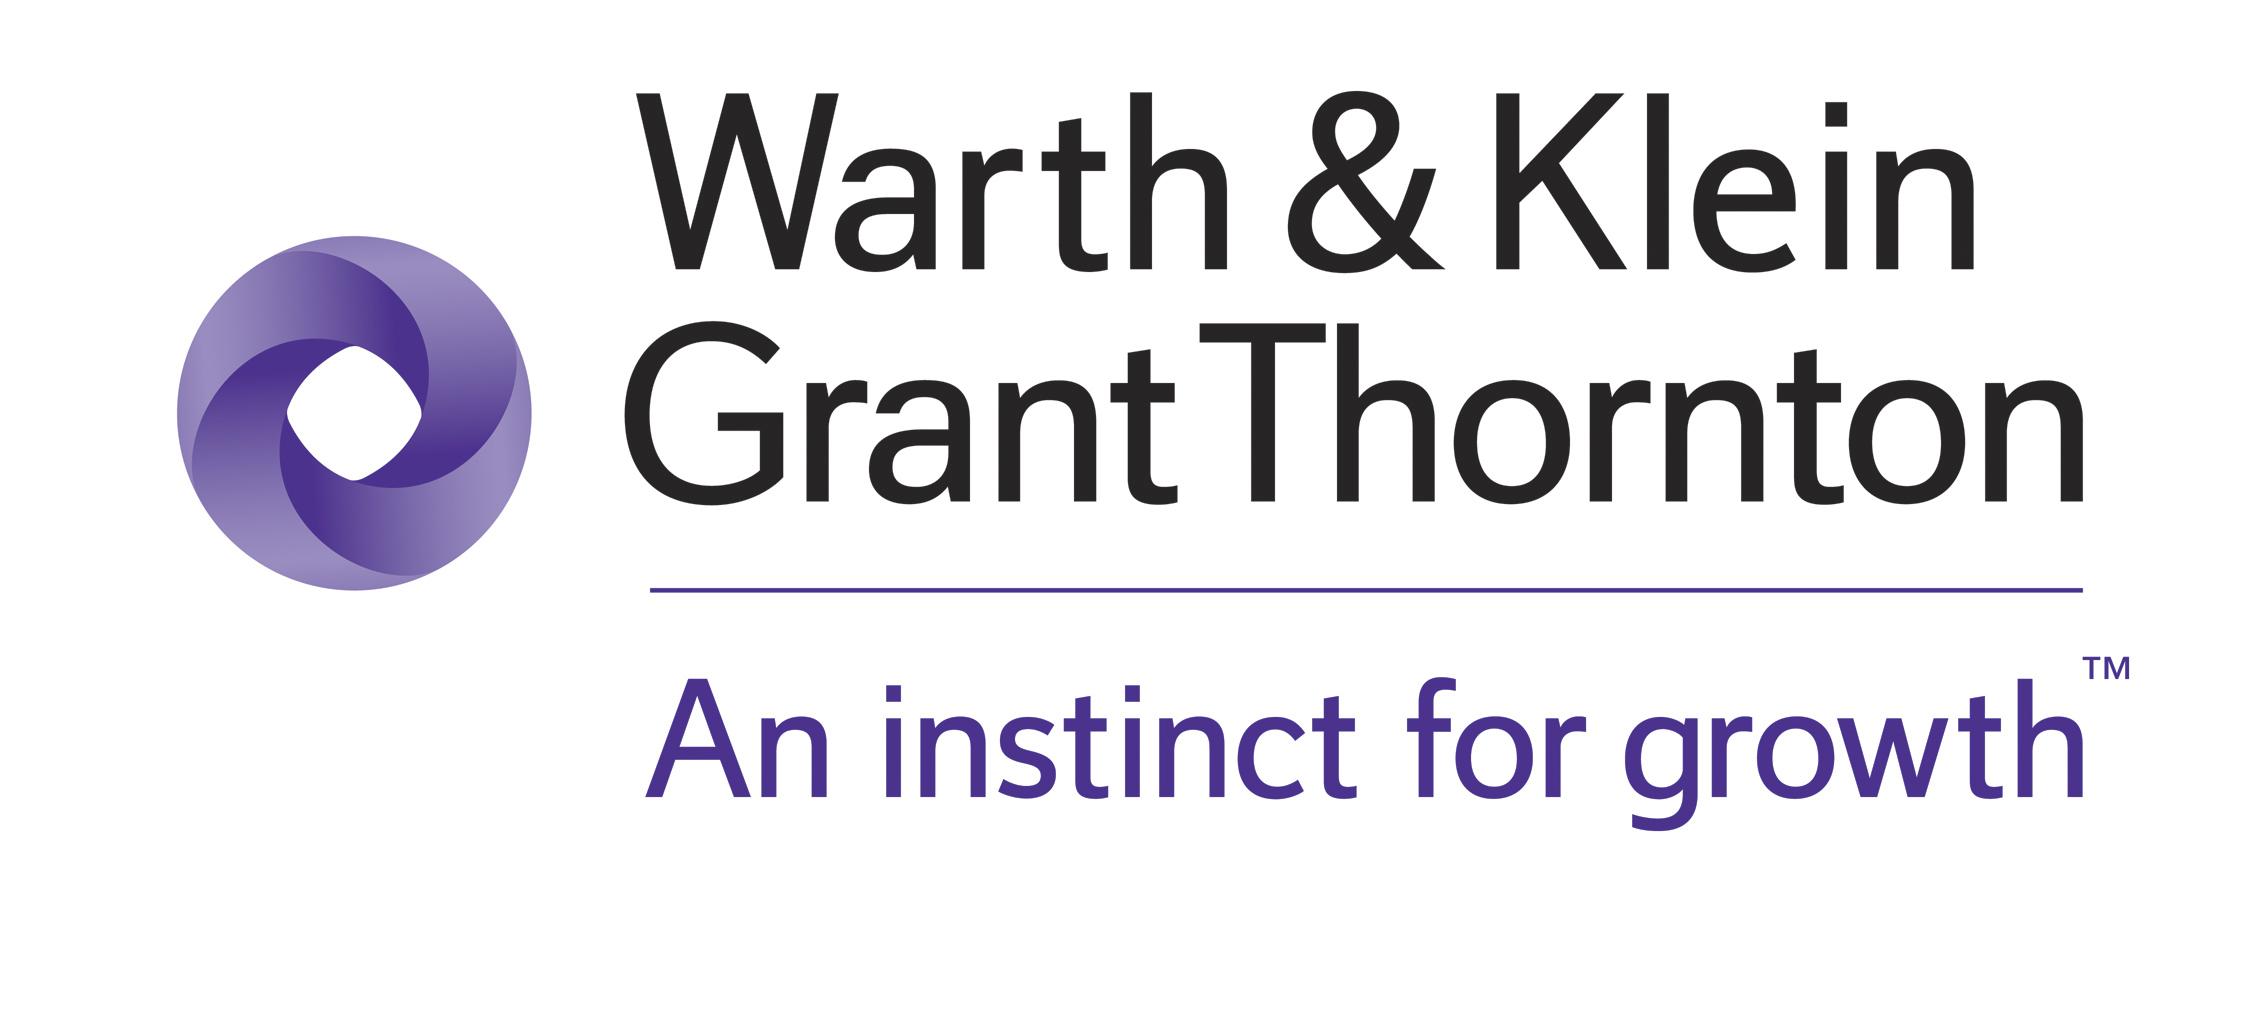 idl und warth klein grant thornton verst rken kooperation. Black Bedroom Furniture Sets. Home Design Ideas